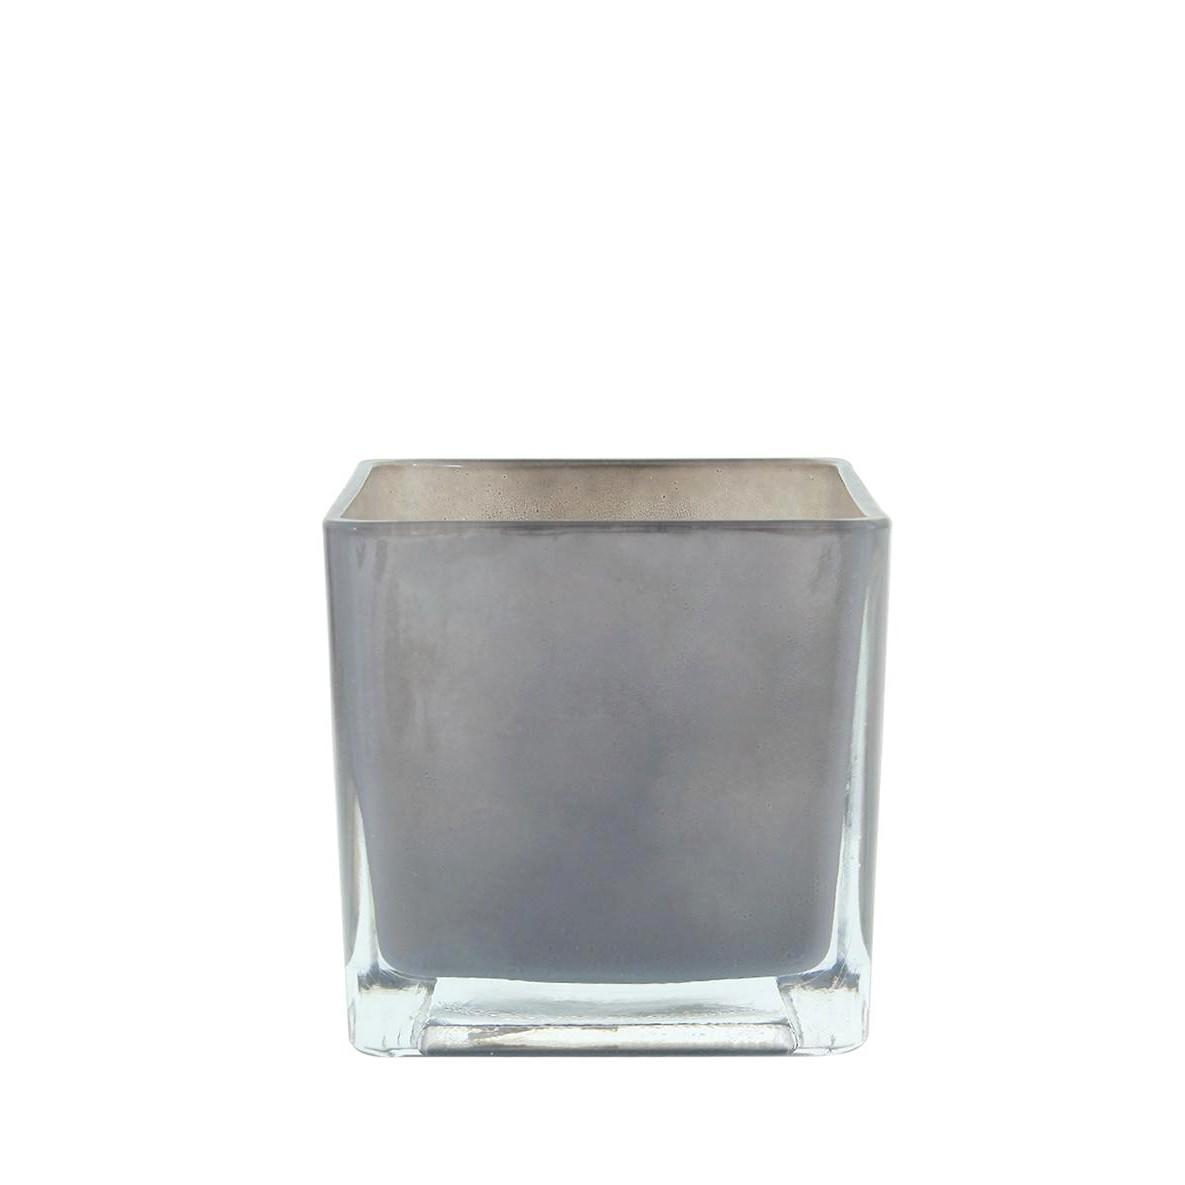 Vaso Decorativo de Vidro Quadrado 12cm Cinza